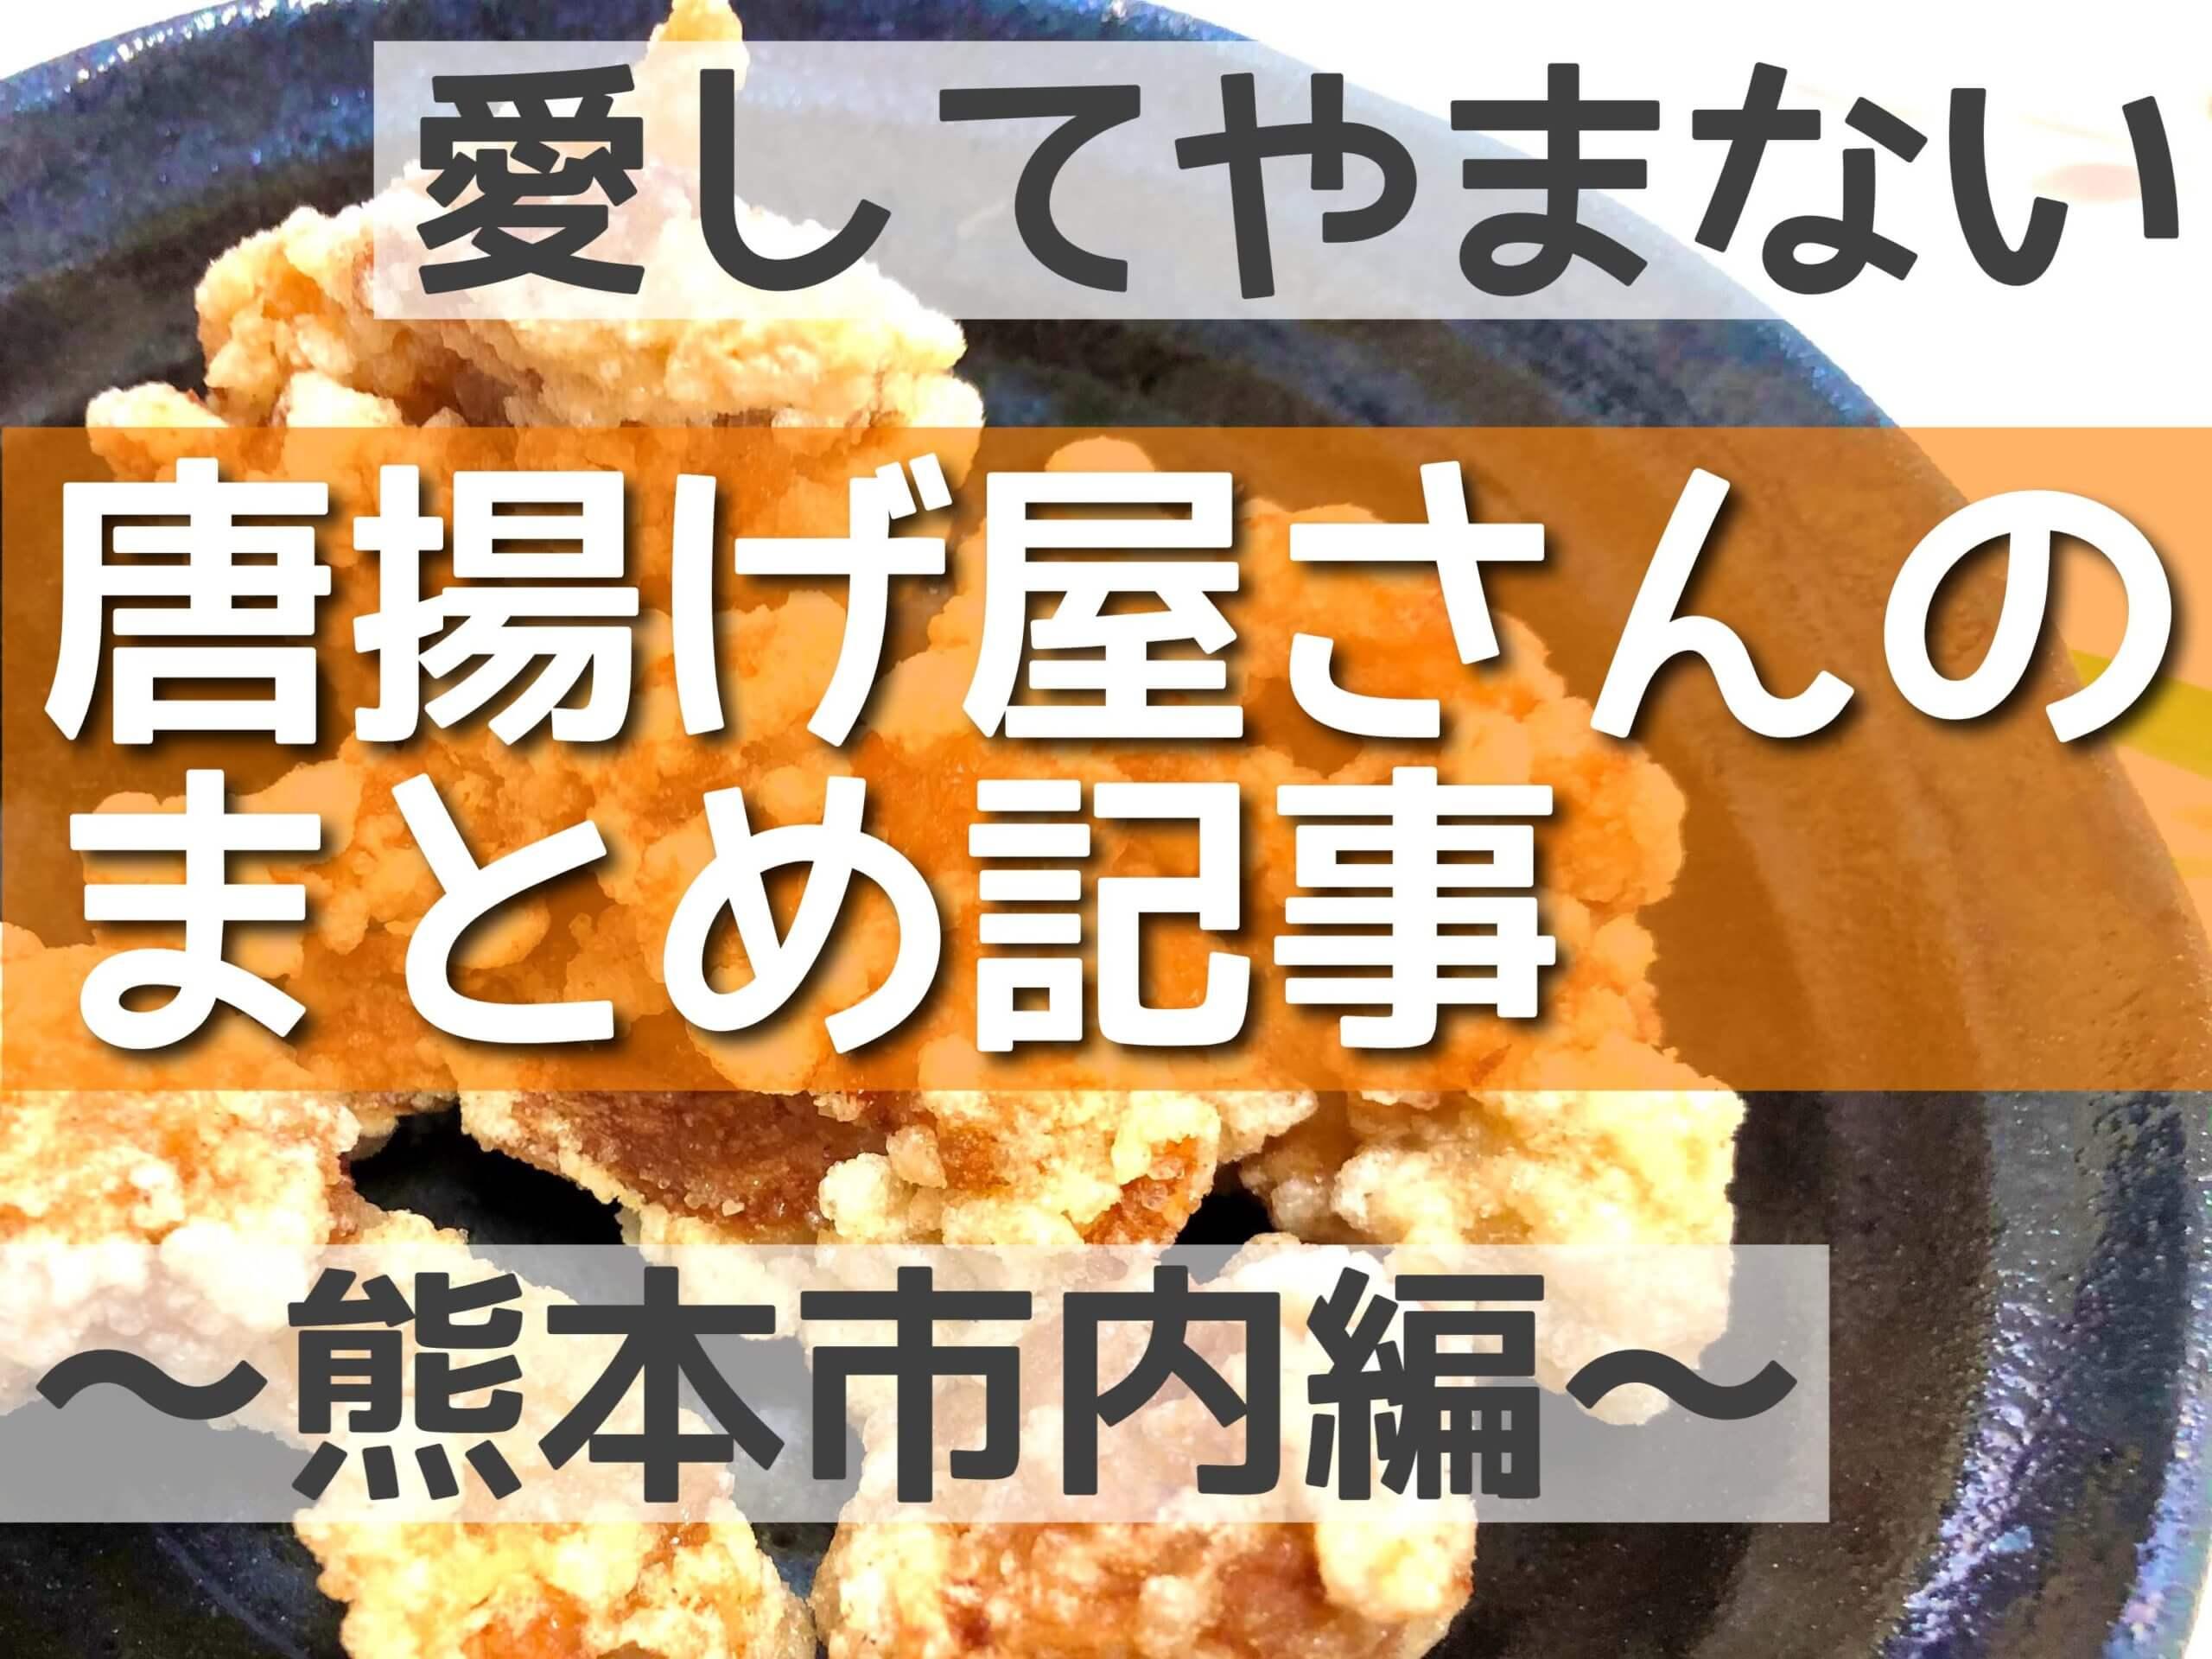 【4/1更新】熊本市内の方必見!熊本市内にあるから揚げ屋さんを一挙紹介します!